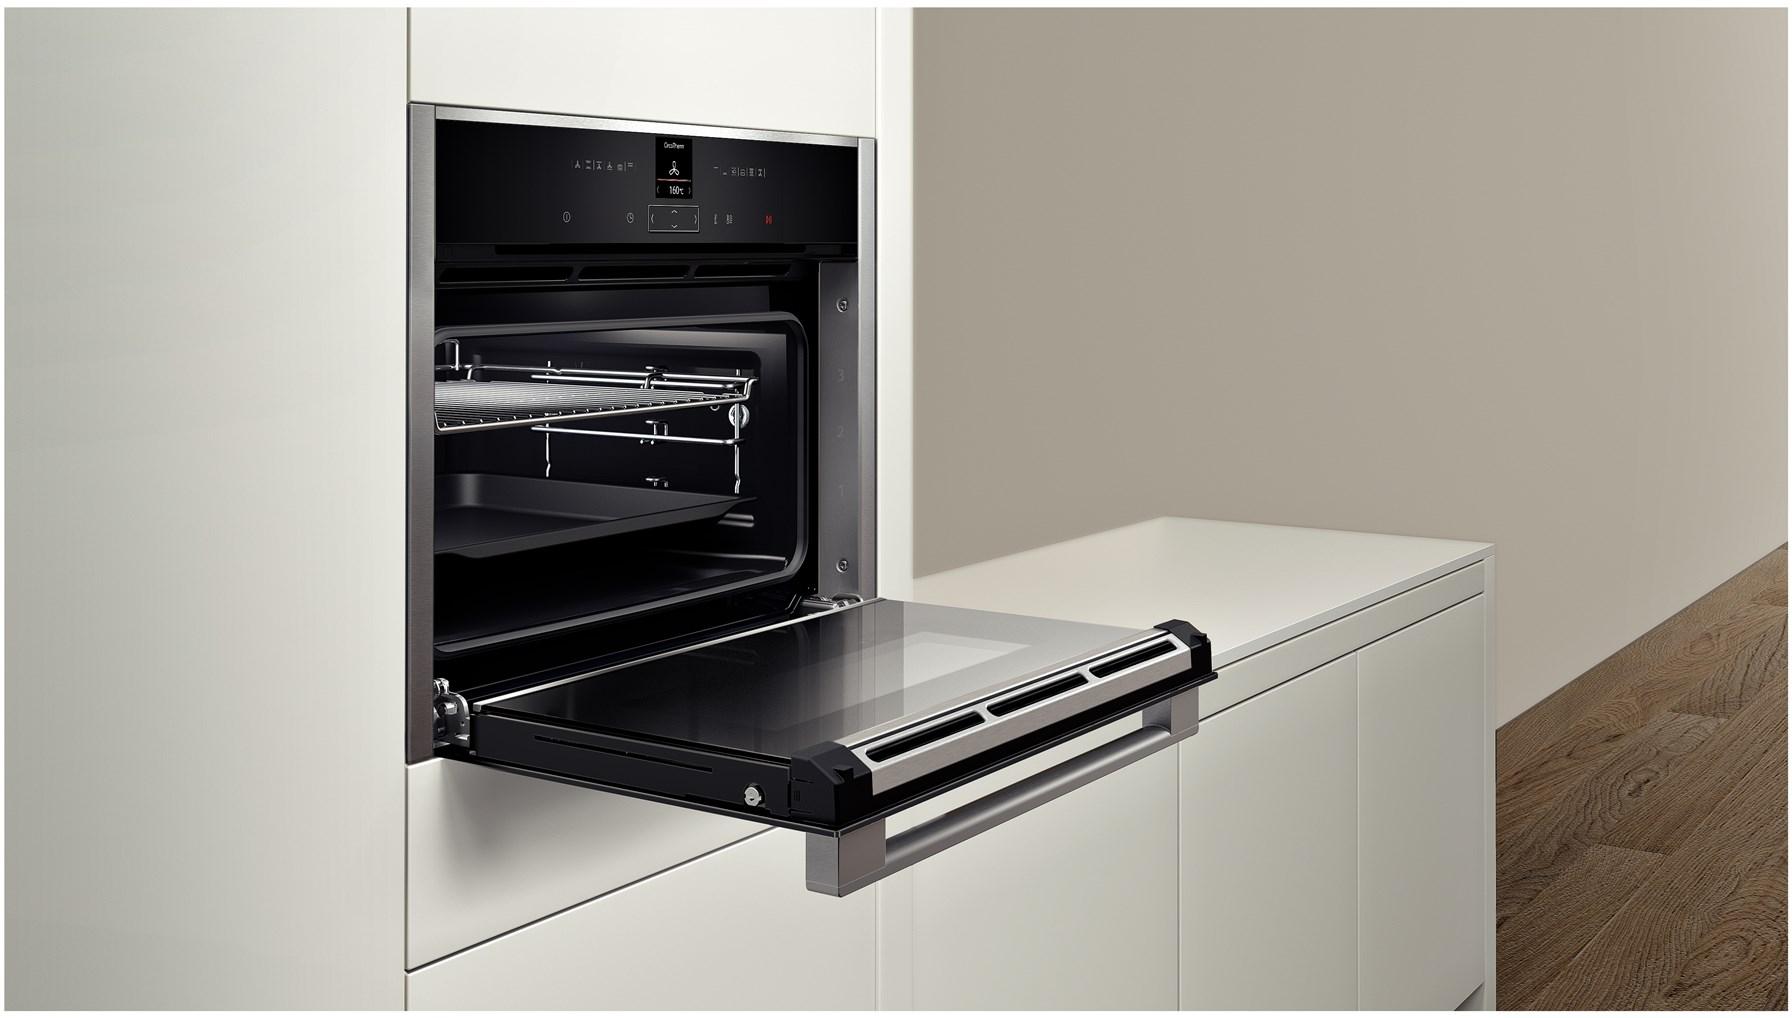 Духовой шкаф газовый шириной 45 см с грилем Foster S45 7145 300 ROMA